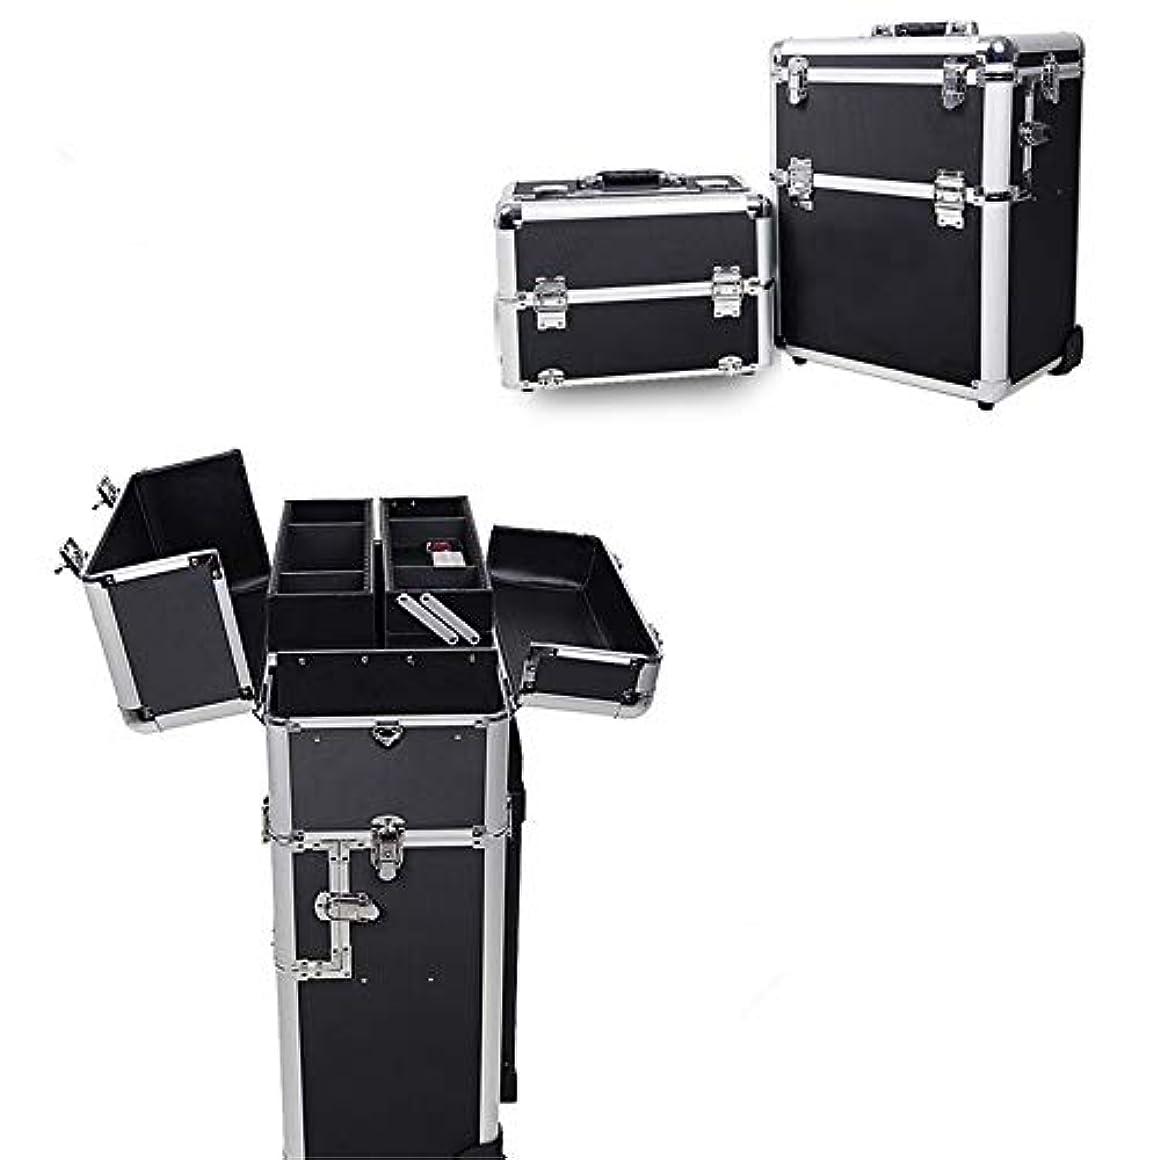 憧れゴミまだら化粧オーガナイザーバッグ 旅行メイクバッグ3層スーツケースメイク化粧品バッグポータブルトイレタージュ化粧ケース 化粧品ケース